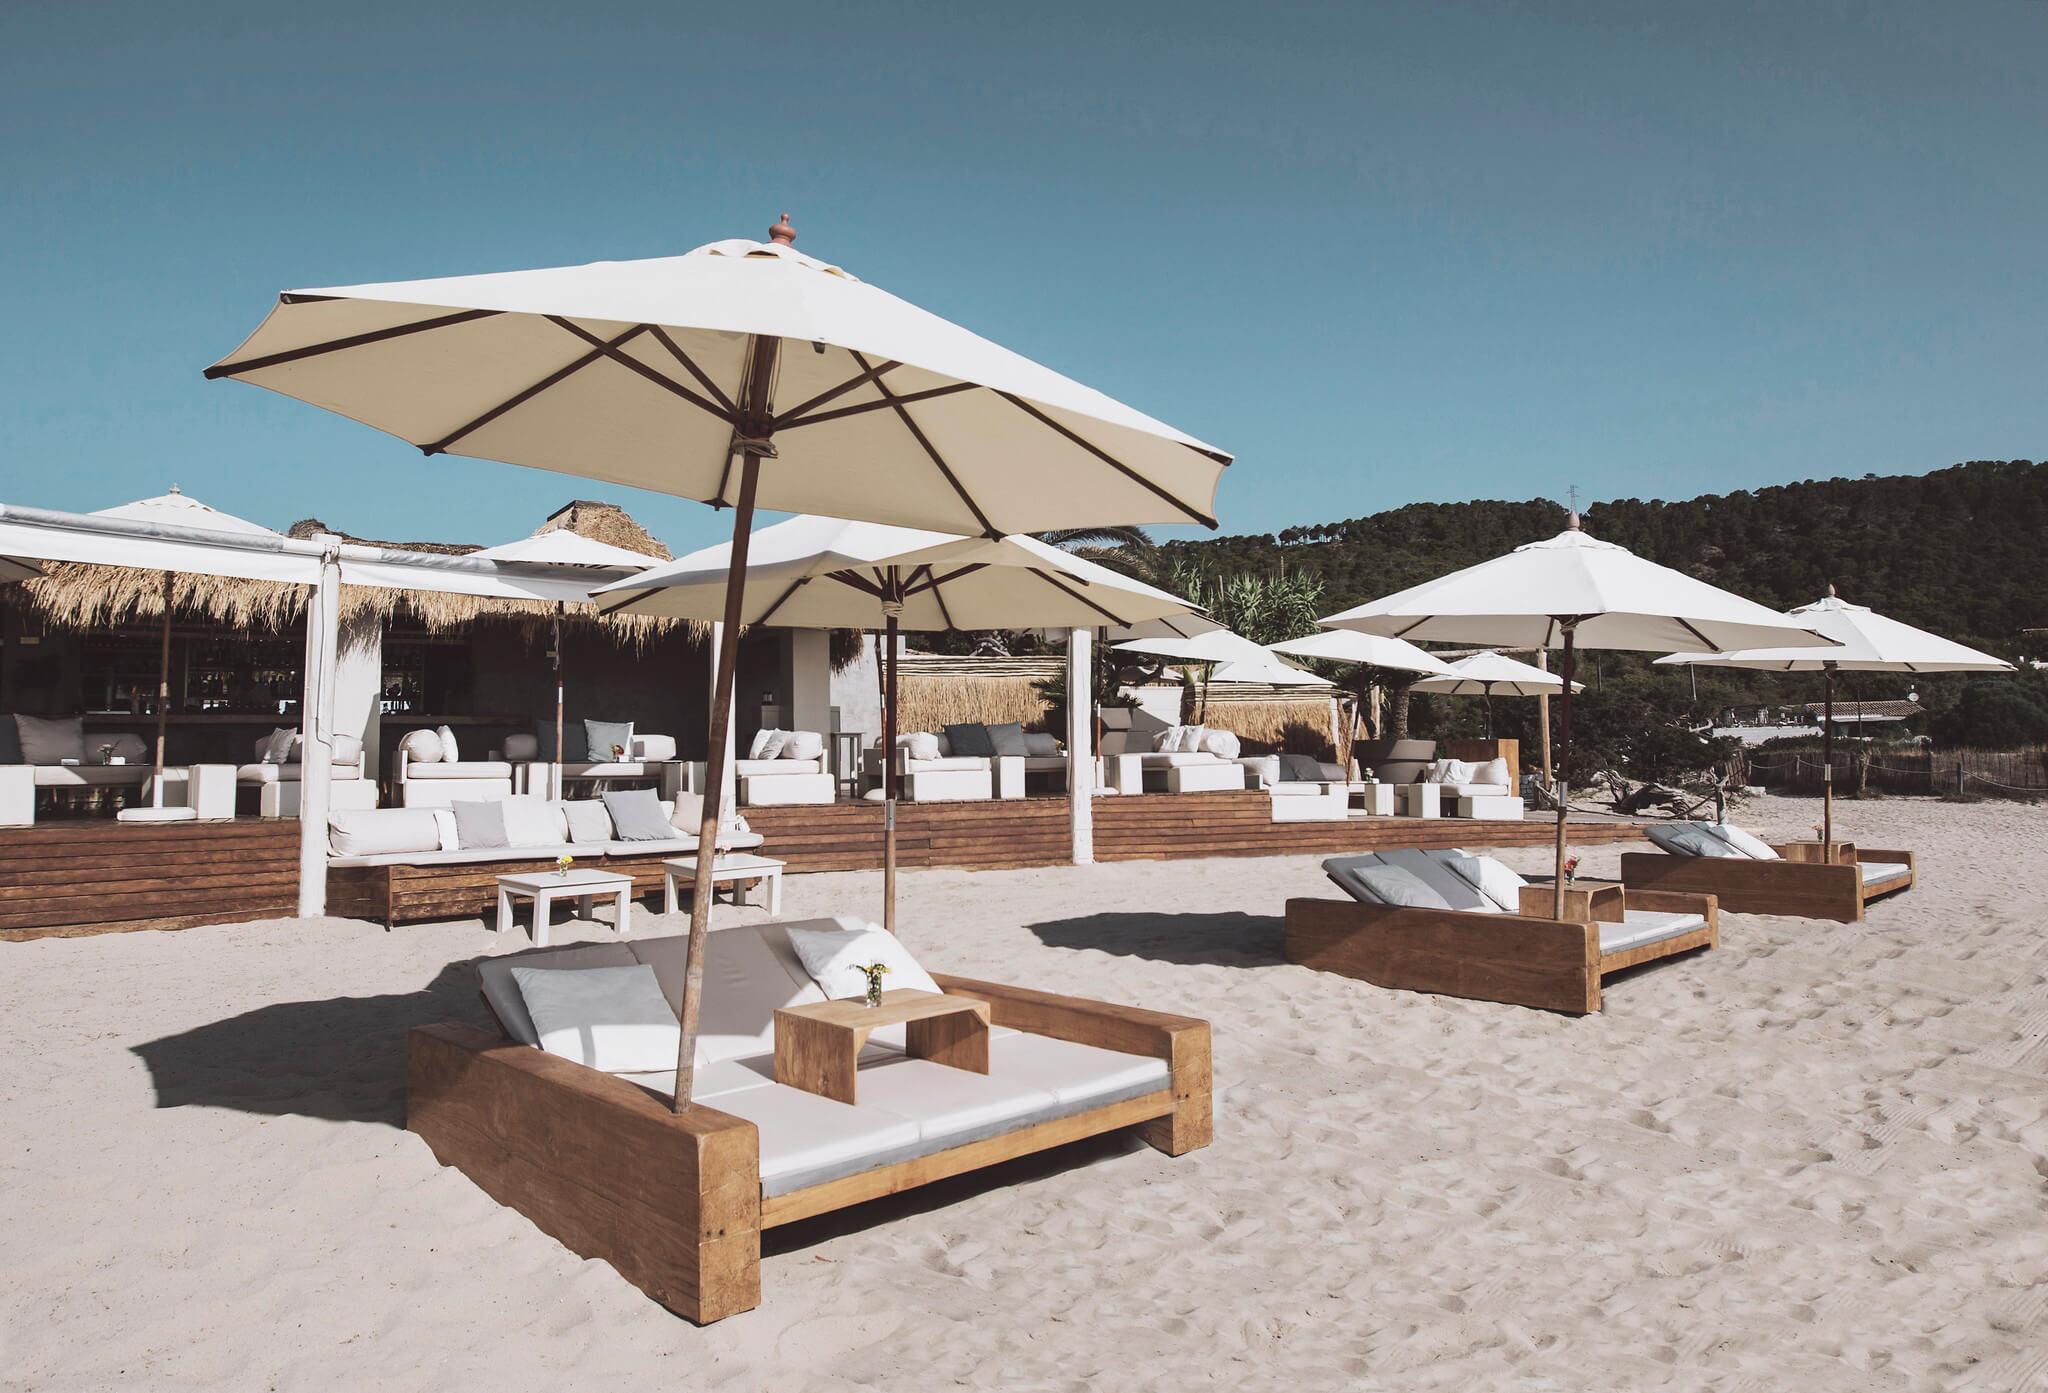 https://www.white-ibiza.com/wp-content/uploads/2020/03/white-ibiza-restaurants-el-chiringuito-2020-10.jpg